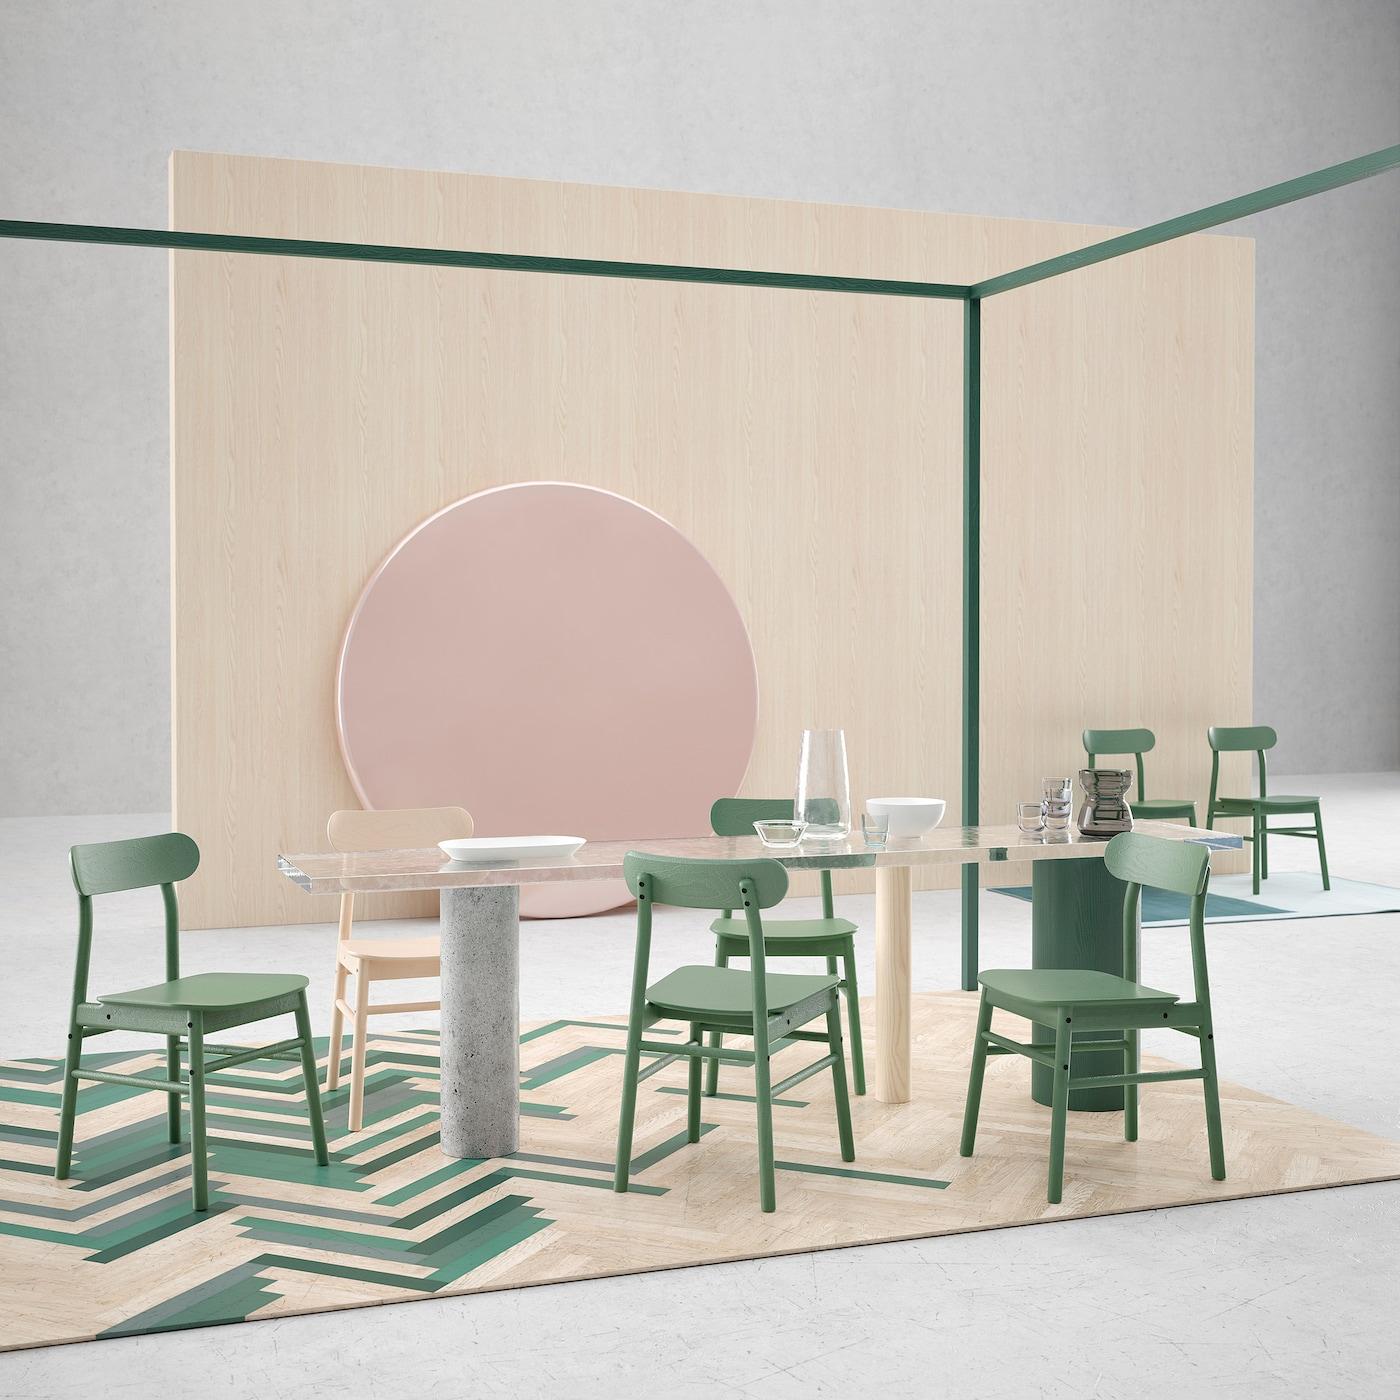 Istu pitkää iltaa ruokapöydässä tukevissa IKEA RÖNNINGE tuoleissa. Ajattomaan skandinaaviseen tyyliin muotoiltu RÖNNINGE-tuoli ei mene muodista. Massiivipuusta valmistetussa, jämäkässä tuolissa on kaareva ja mukava istuin. Vihreä ruokapöydän tuoli ja koivunvärinen RÖNNINGE ruokapöydän tuoli on kestävä ja hyväksytty myös julkitilakäyttöön.